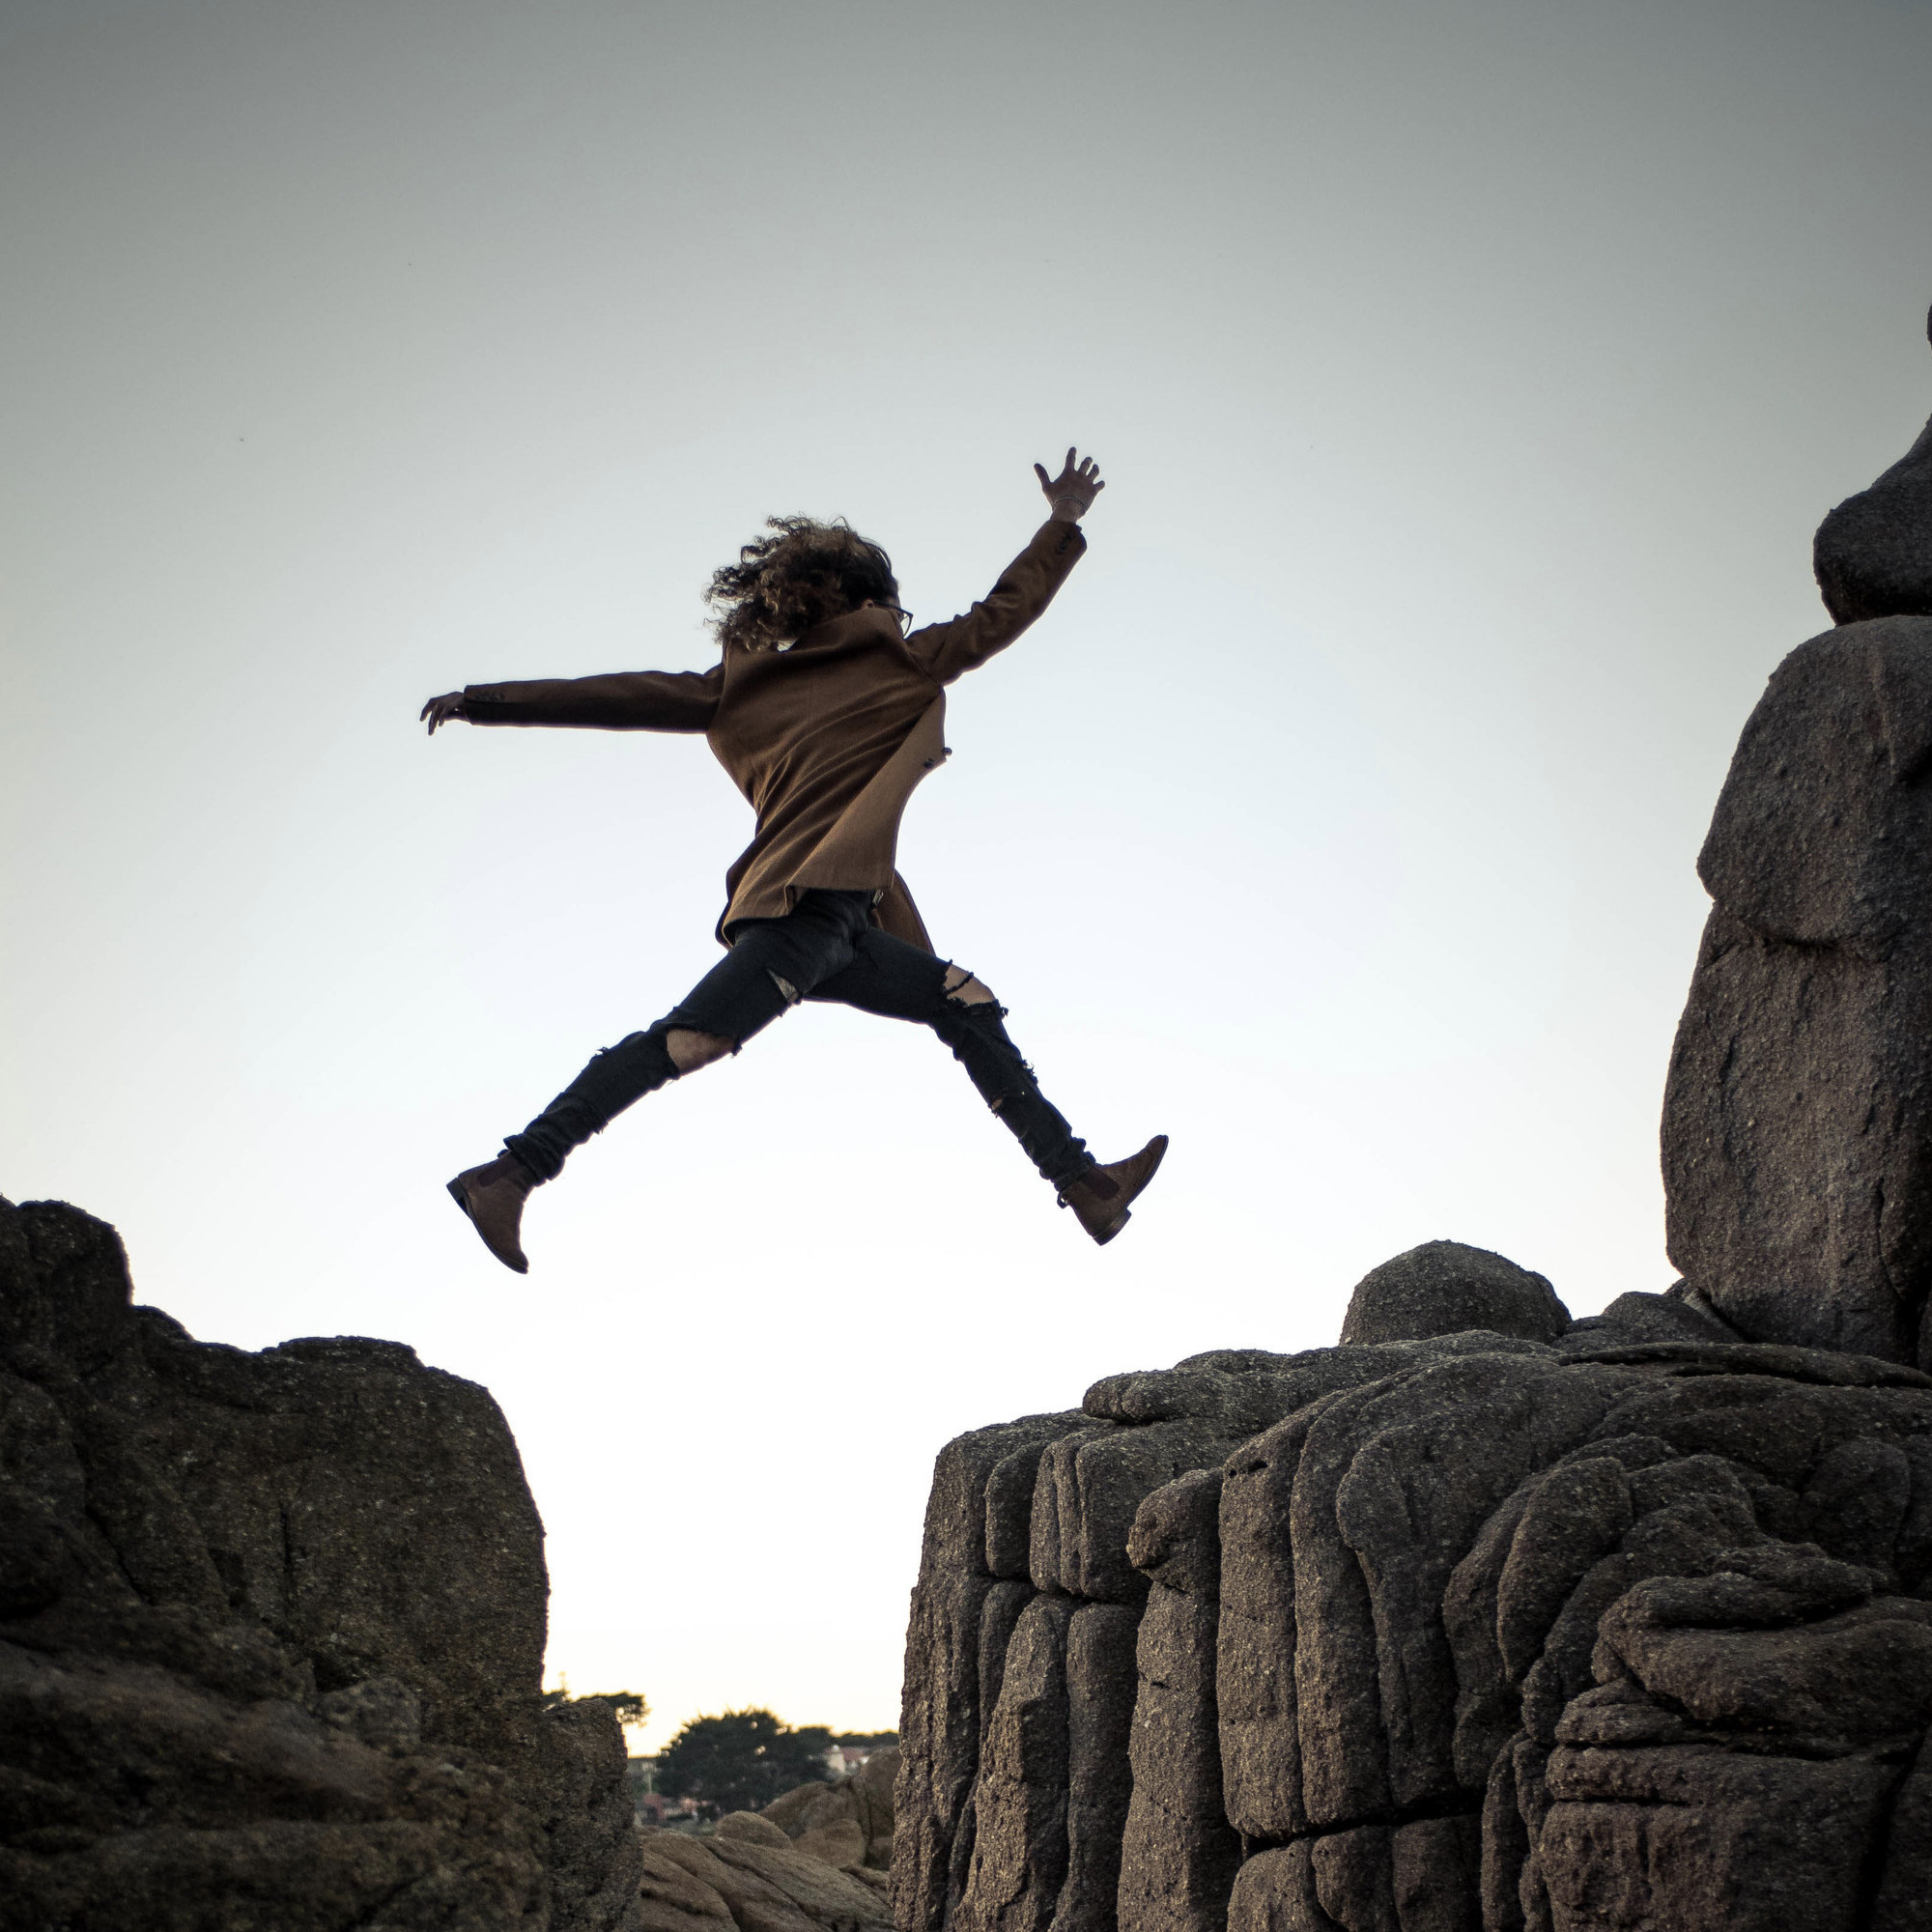 FÖRSTA STEGET - …till ett mer hälsosamt liv är steget du just tog när du klickade dig in på vår hemsida. Här är du välkommen oavsett tidigare erfarenhet av träning och hälsa!